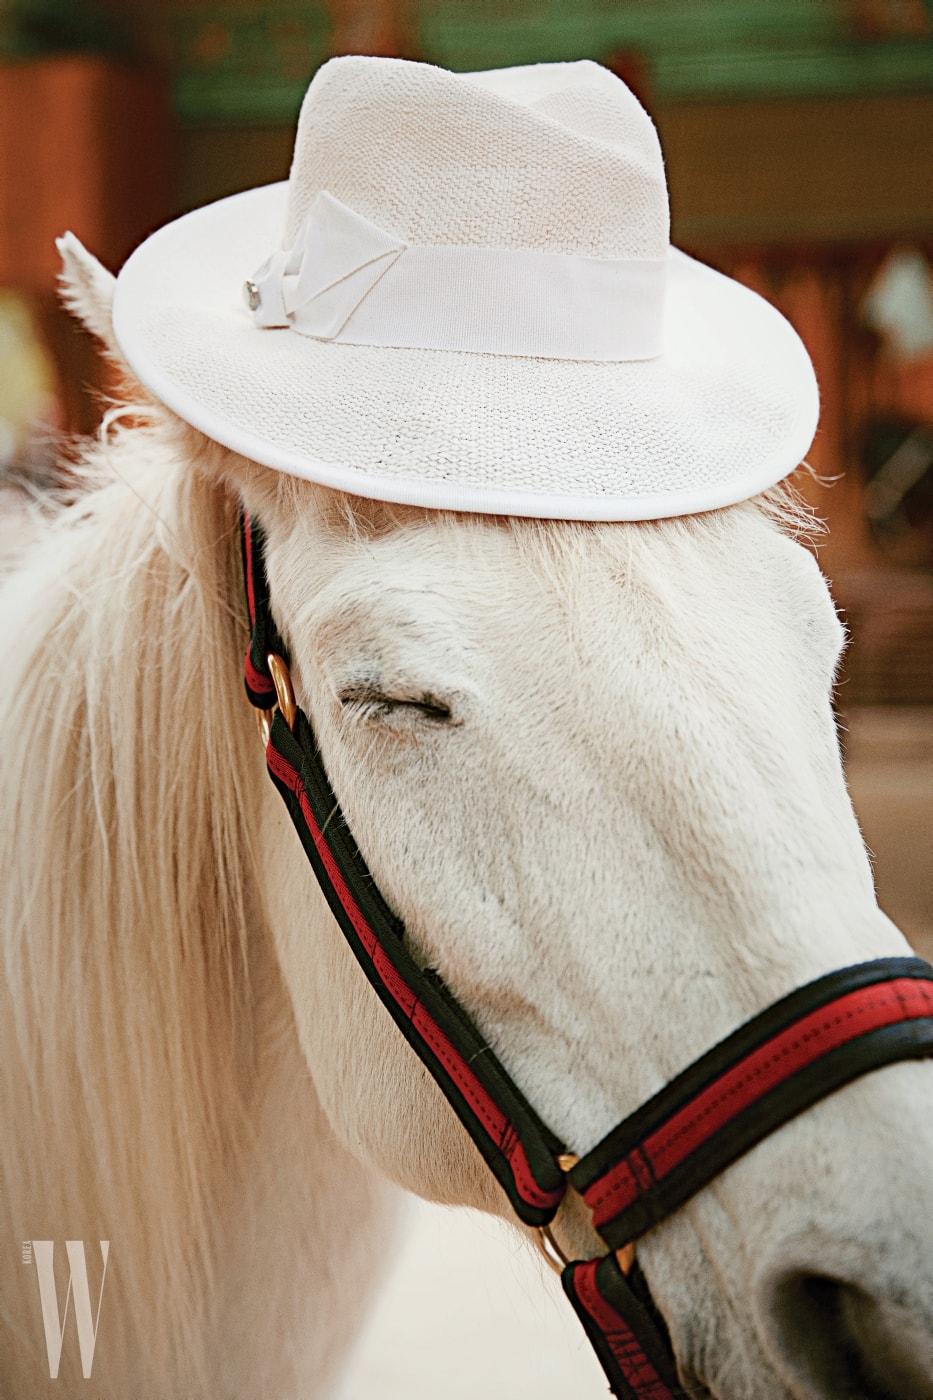 백마가 쓴 흰색 라피아 모자는 아르마니 꼴레지오니 제품. 35만원.